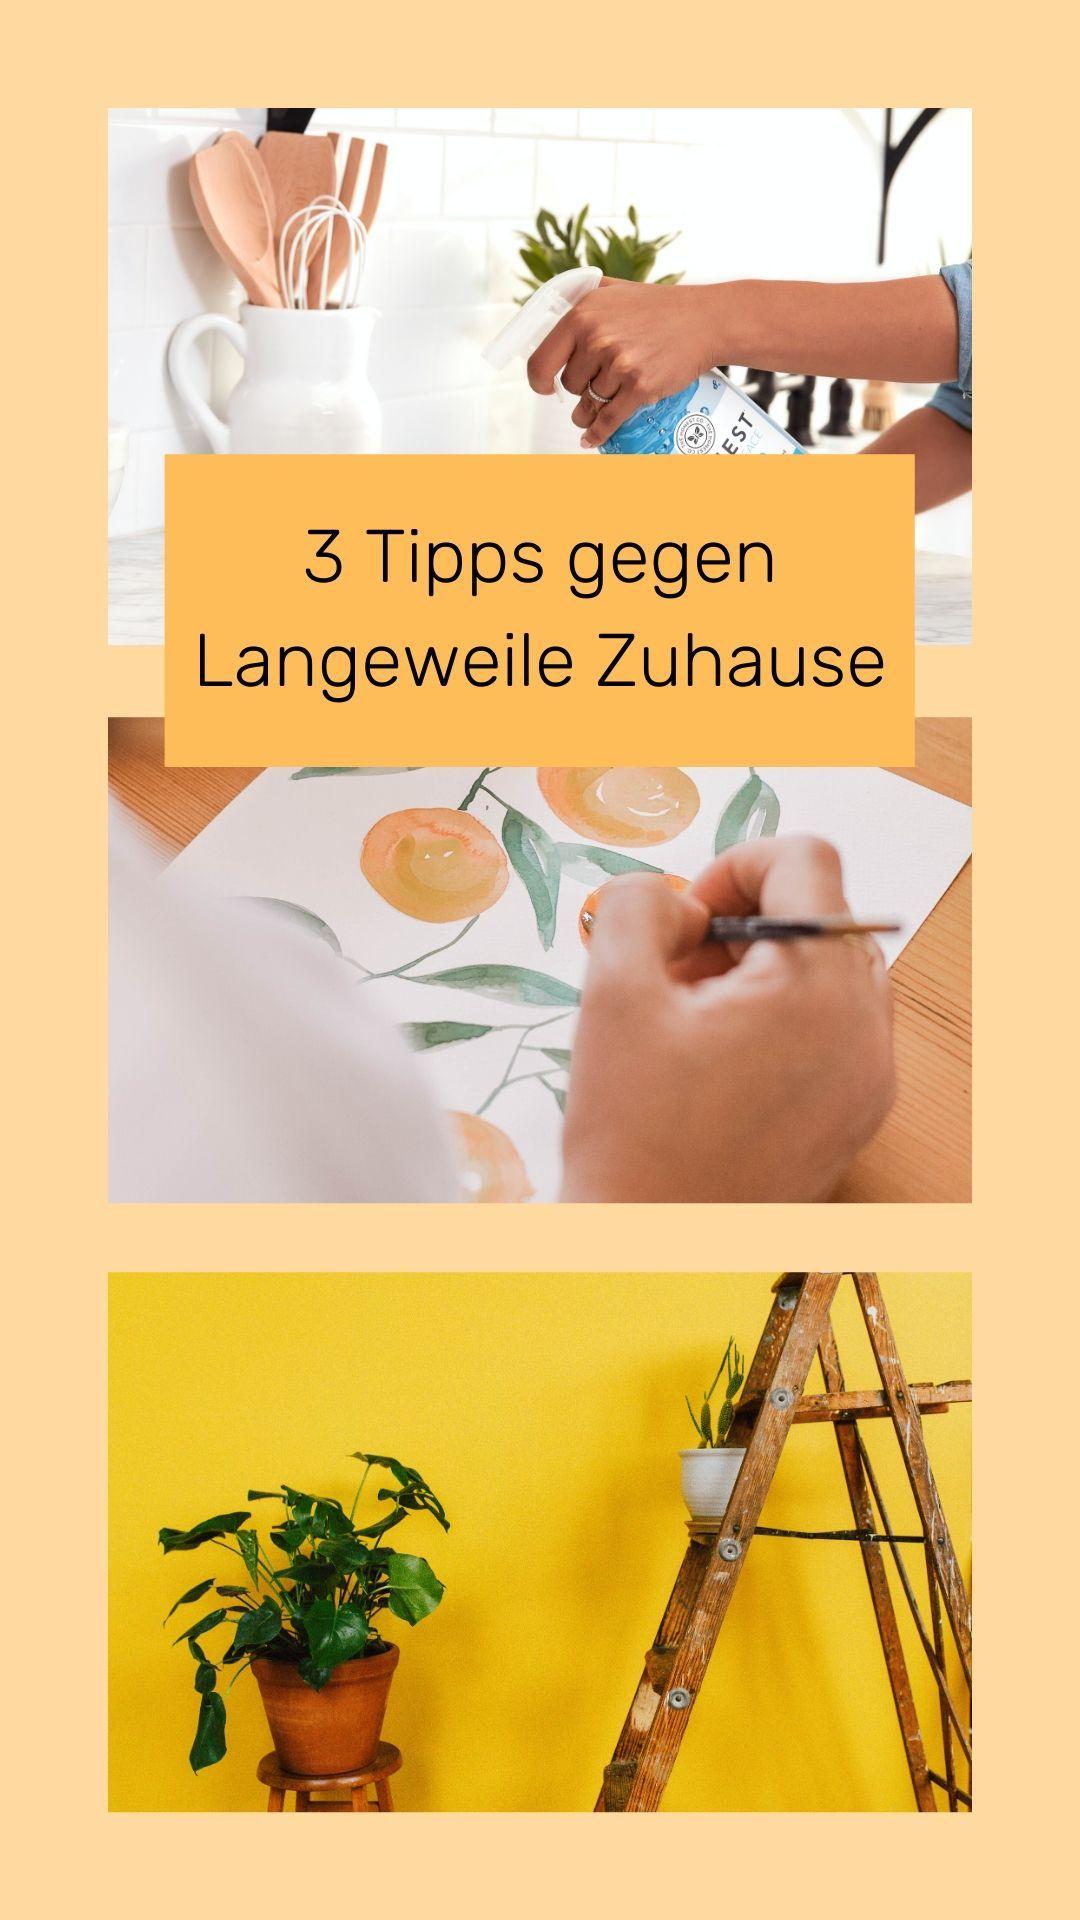 3 Tipps gegen Langeweile Zuhause in 2020 | Tipps gegen